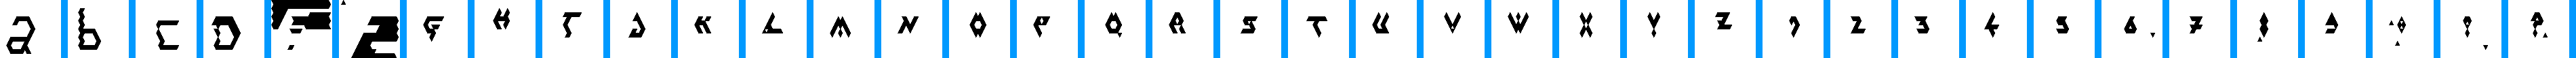 Particip-a-type v.144